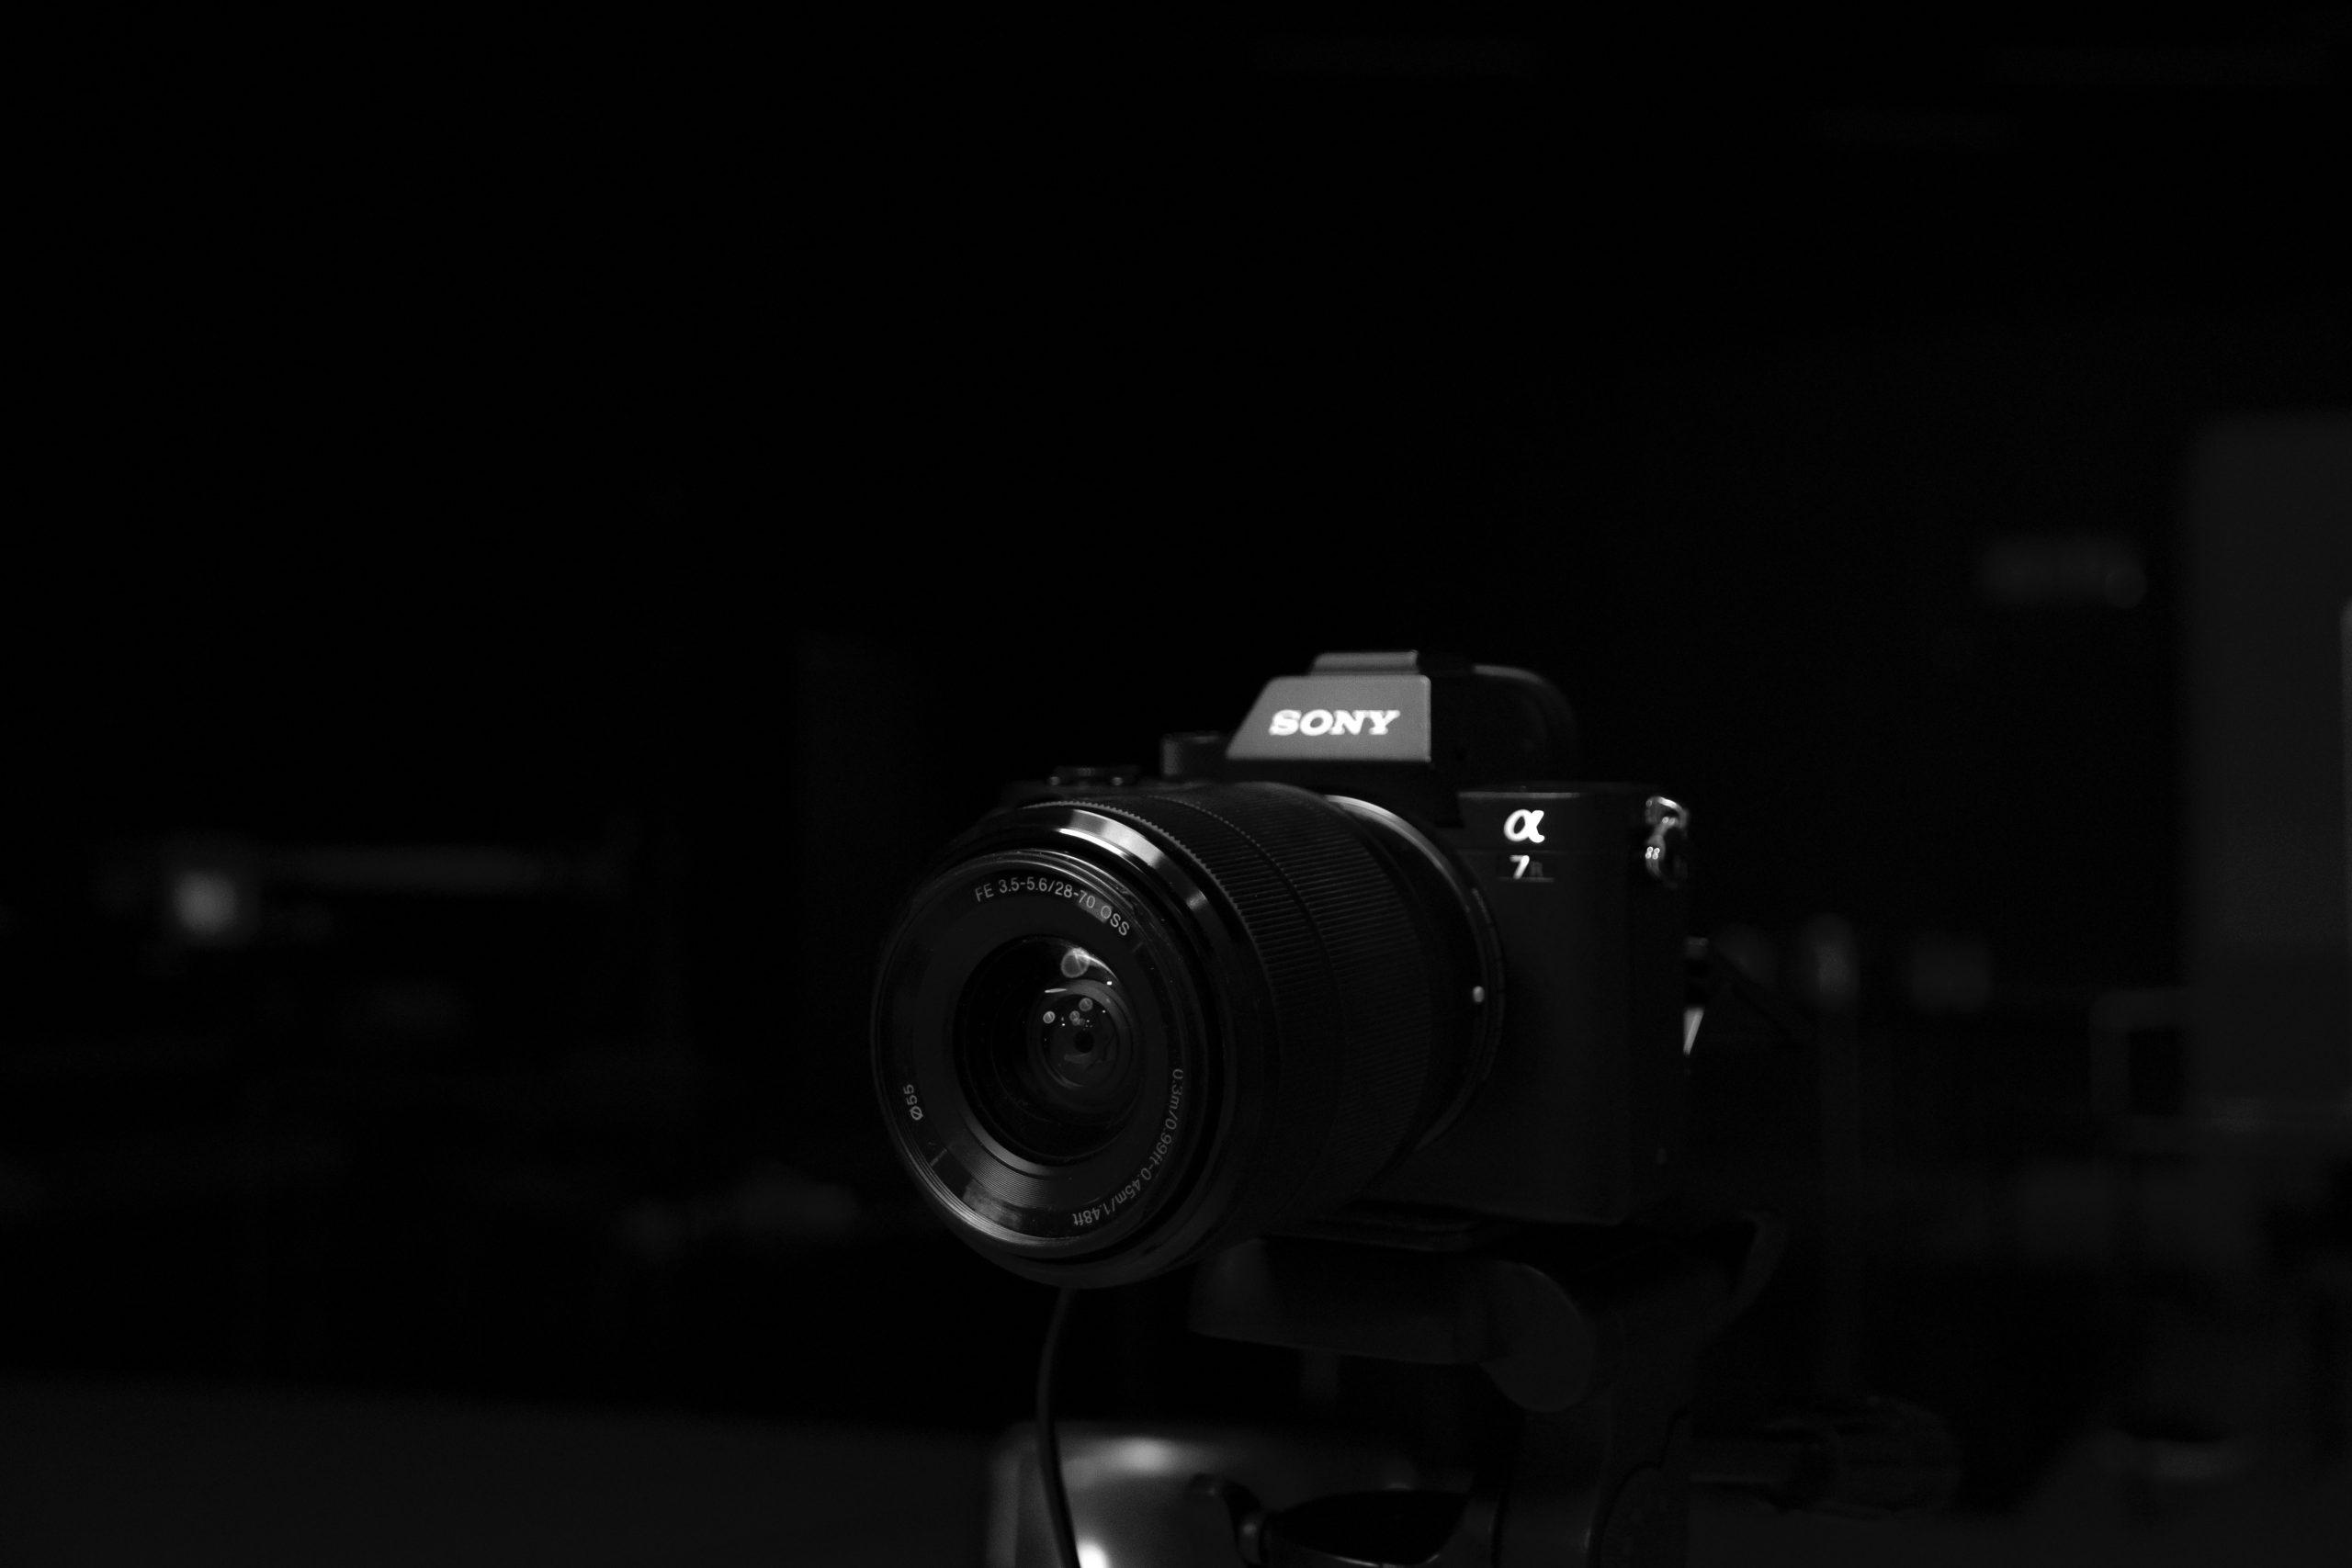 Imagem mostra uma câmera digital em destaque.